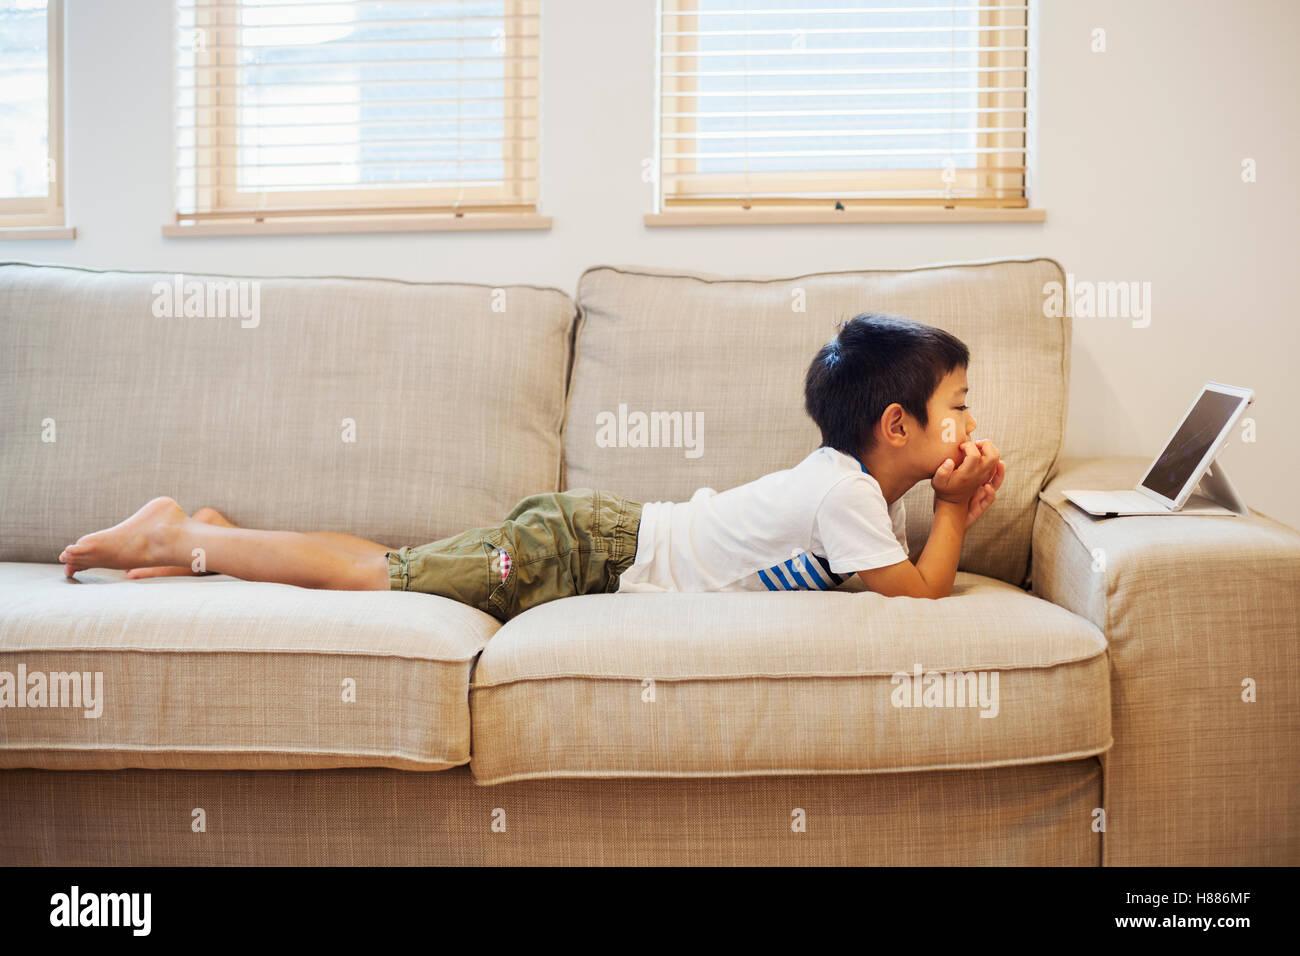 Maison de famille. Un garçon couché sur un canapé devant une tablette numérique. Photo Stock